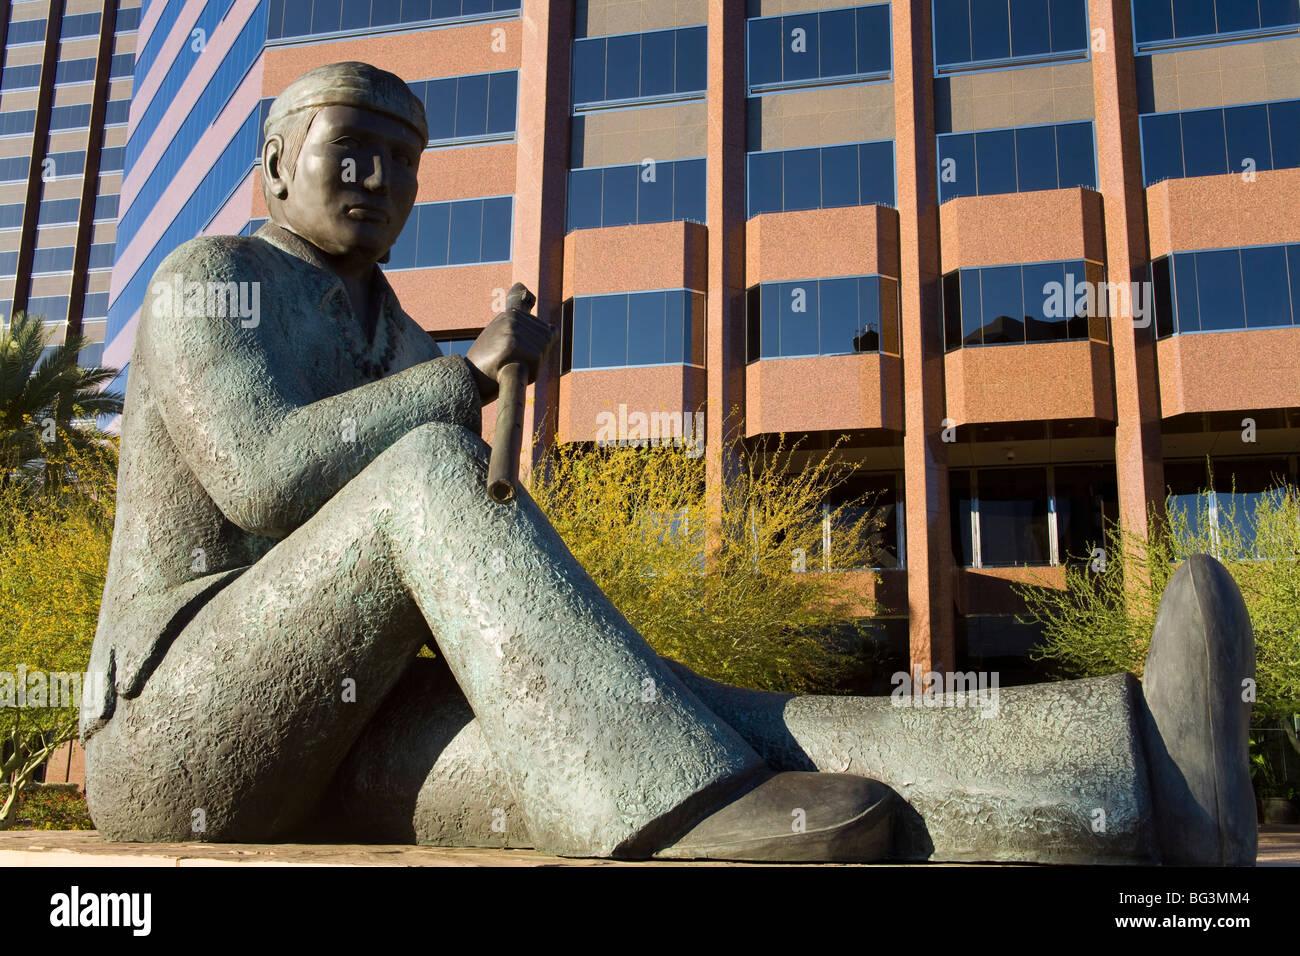 Hommage an Navajo Code Talkers von Doug Hyde, Phoenix, Arizona, Vereinigte Staaten von Amerika, Nordamerika Stockbild